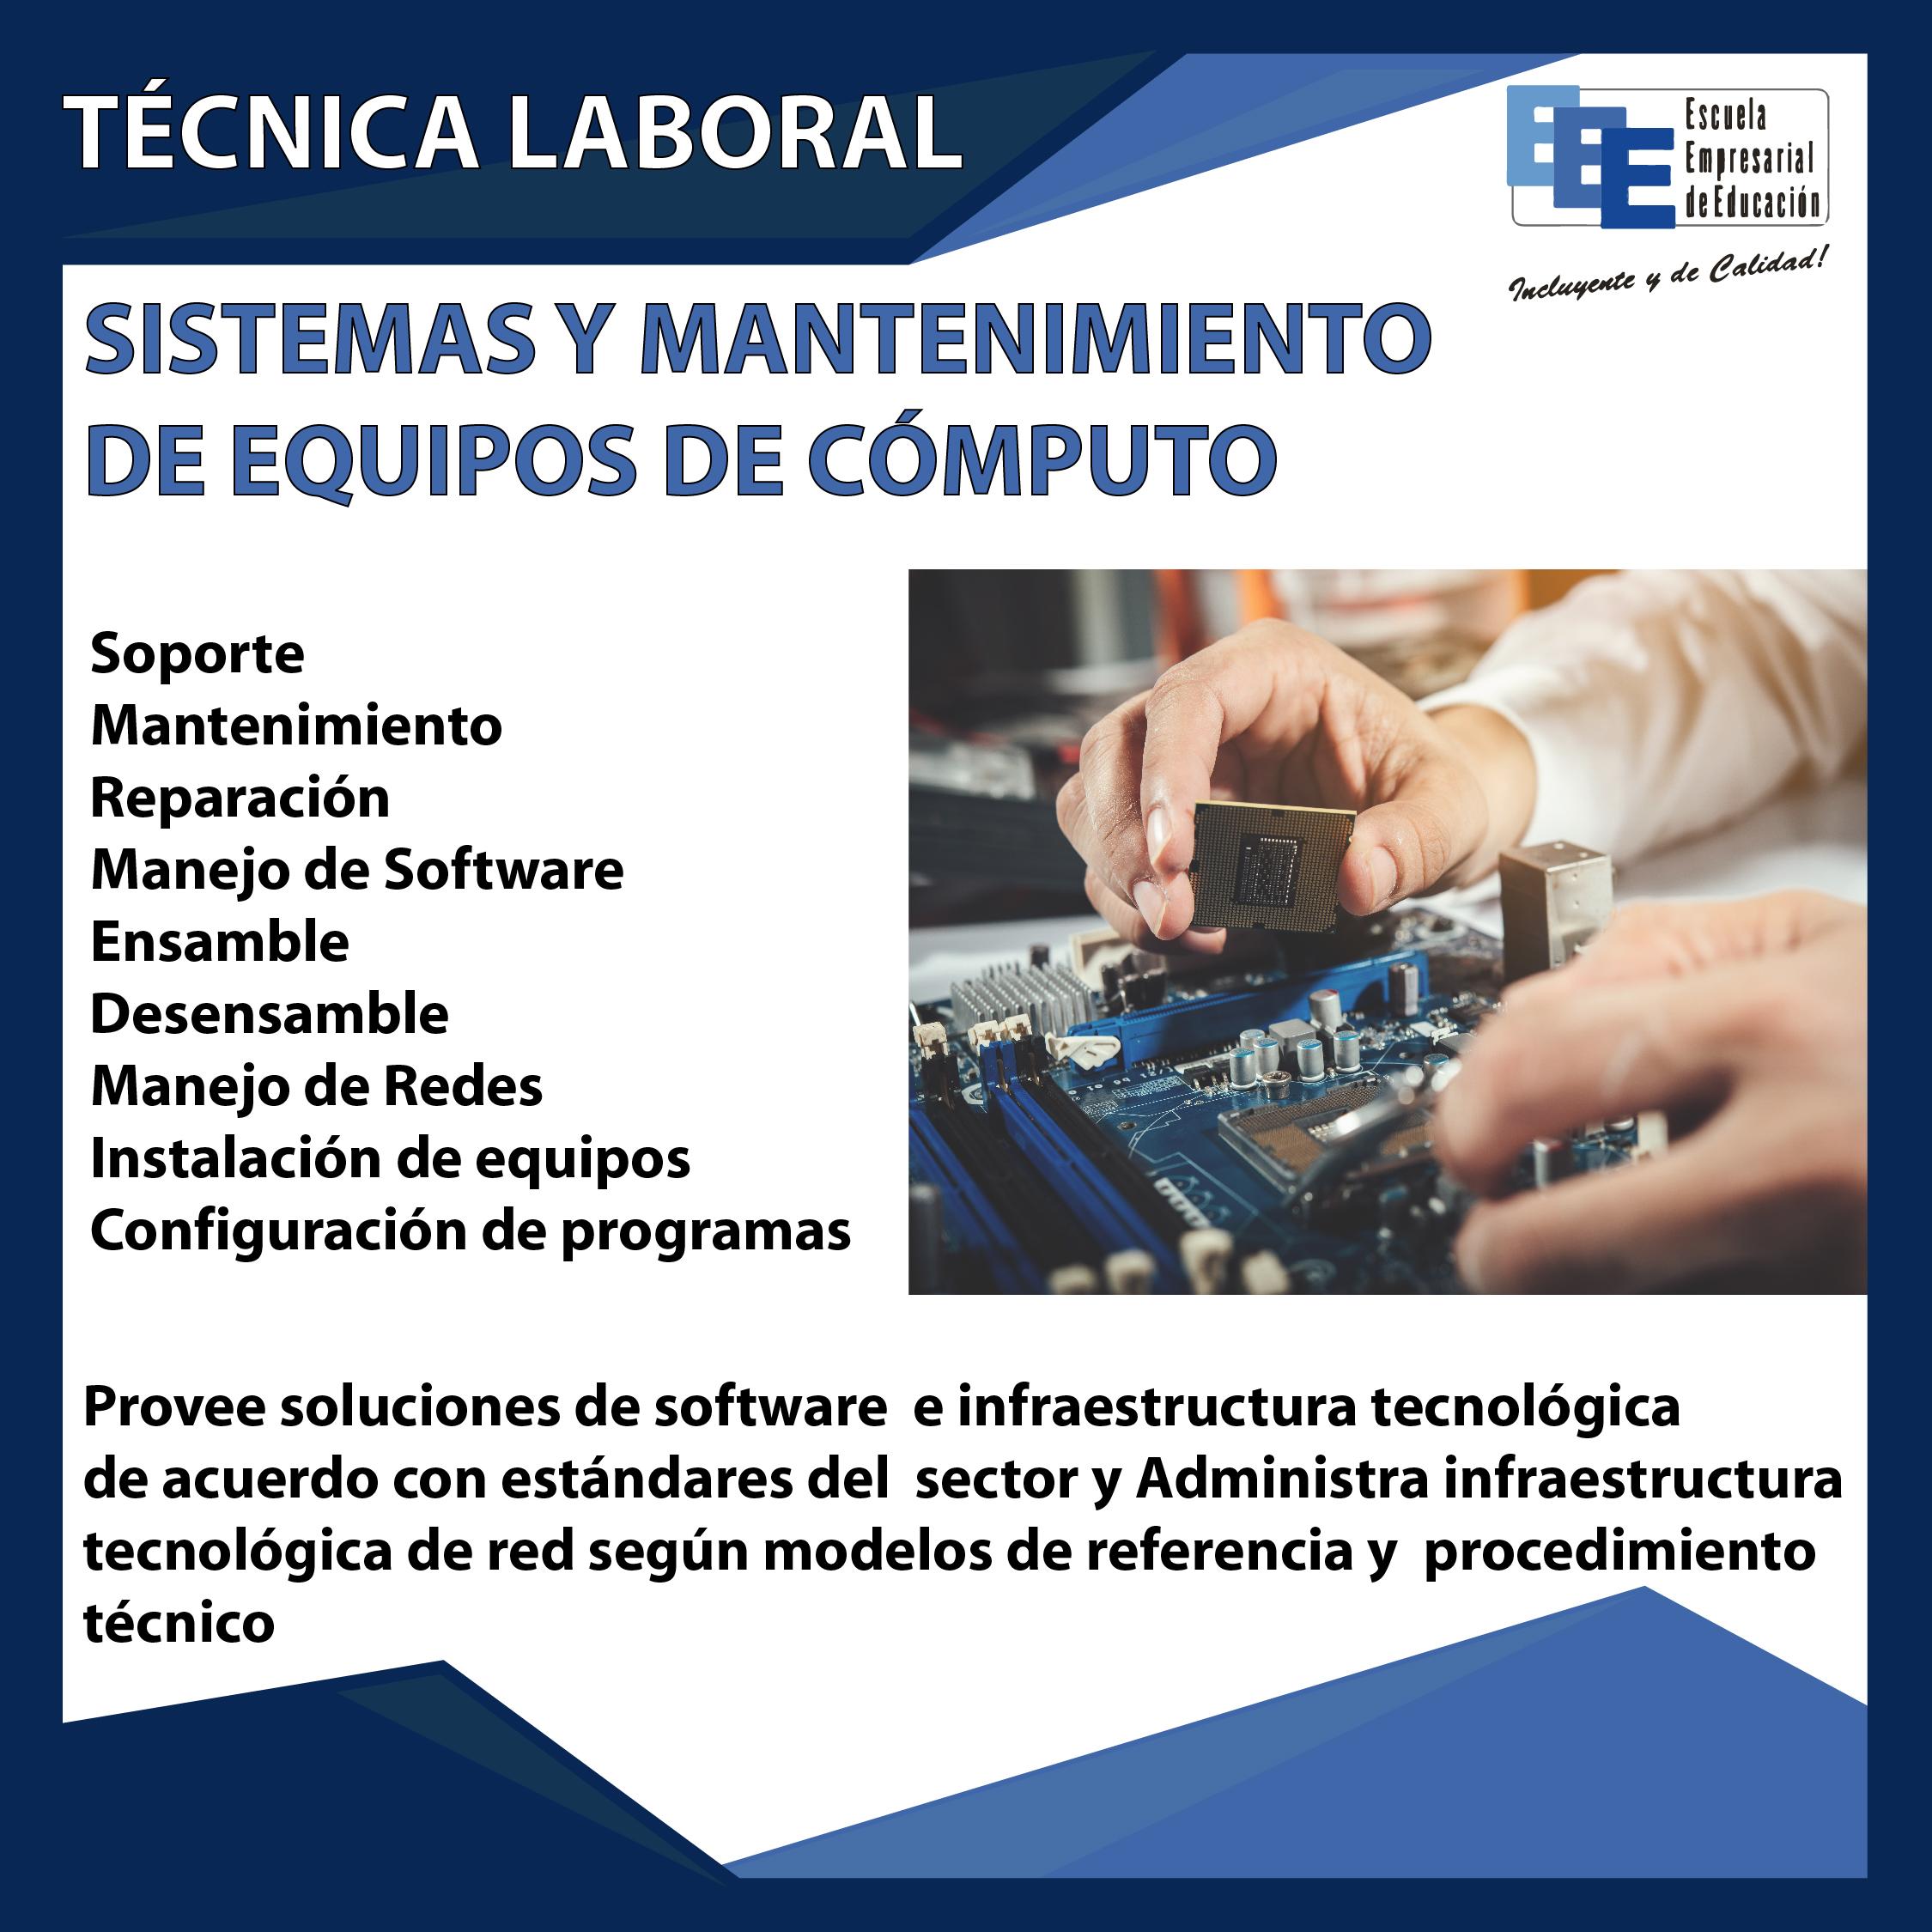 Técnico Laboral en Sistemas y Mantenimiento de Equipos de Cómputo